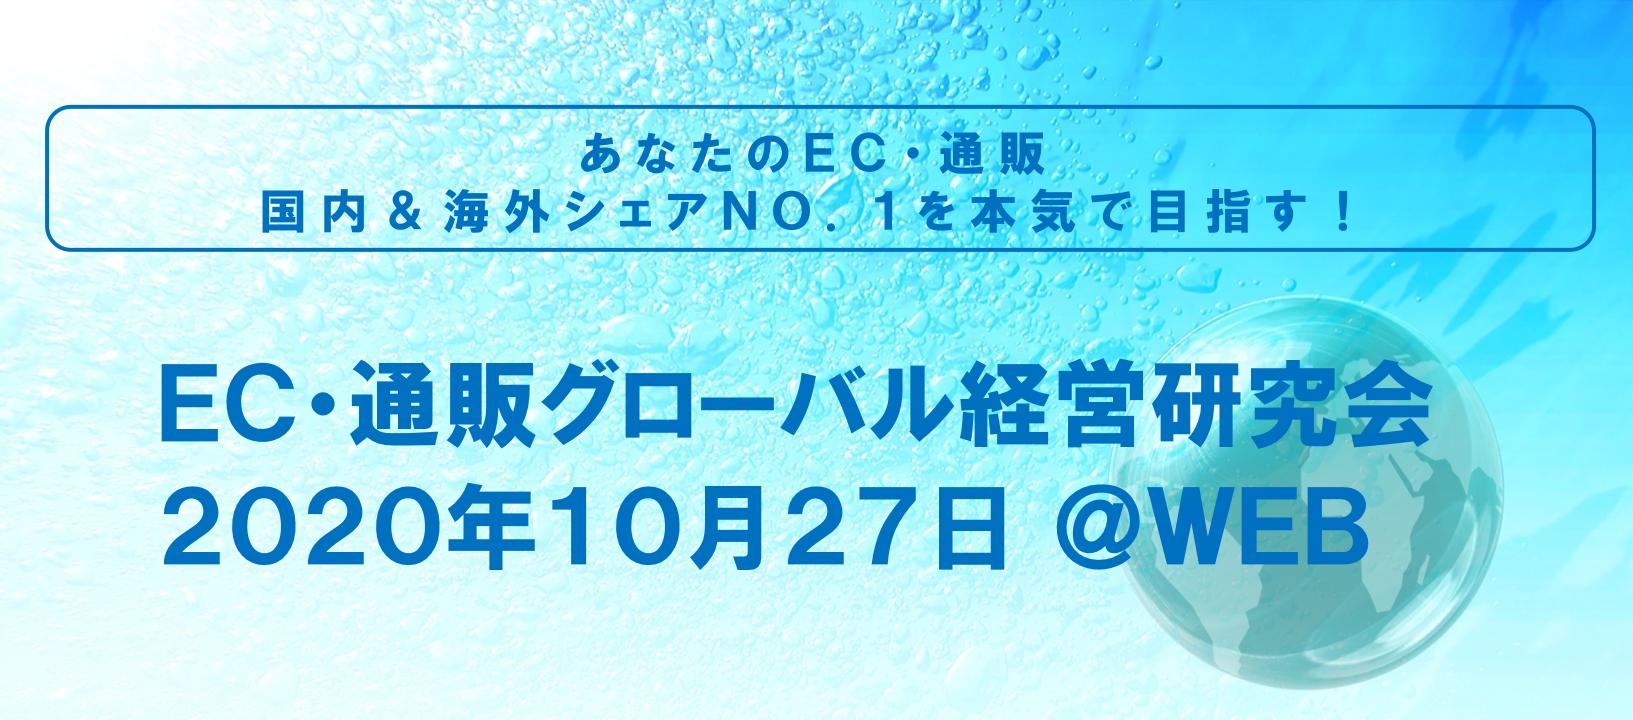 グラモア 元責任者 水上様ゲスト講演!!自社ブランドD2C攻略オンライセミナー